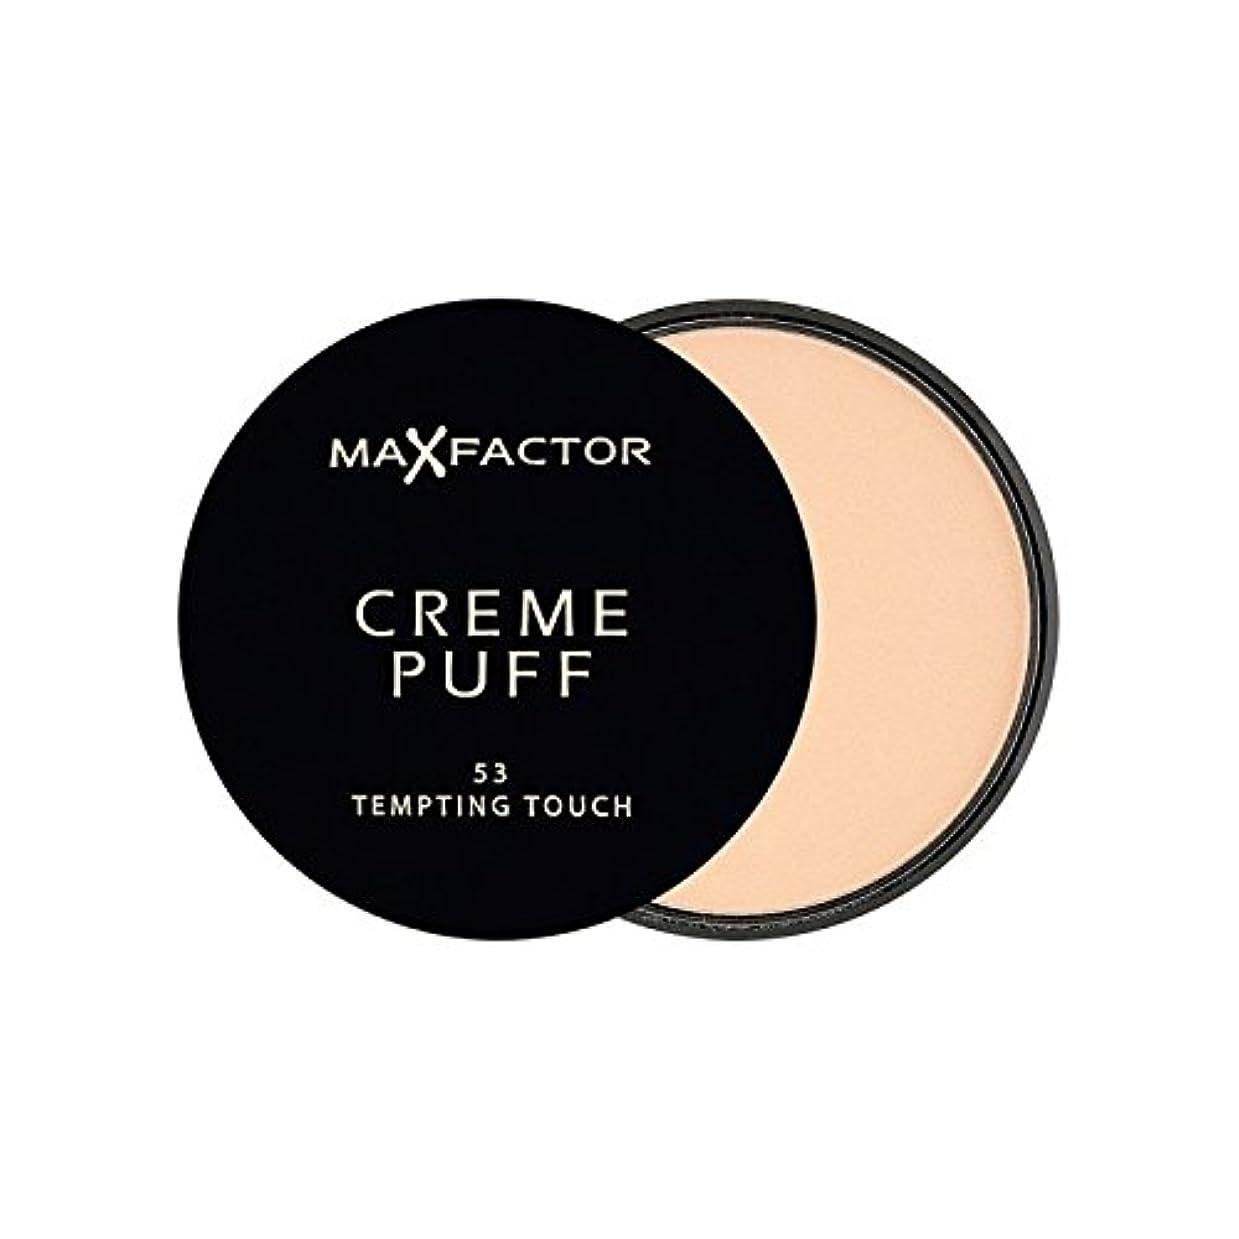 チーフ銀枕マックスファクタークリームパフパウダーコンパクト魅力的なタッチ53 x2 - Max Factor Creme Puff Powder Compact Tempting Touch 53 (Pack of 2) [並行輸入品]